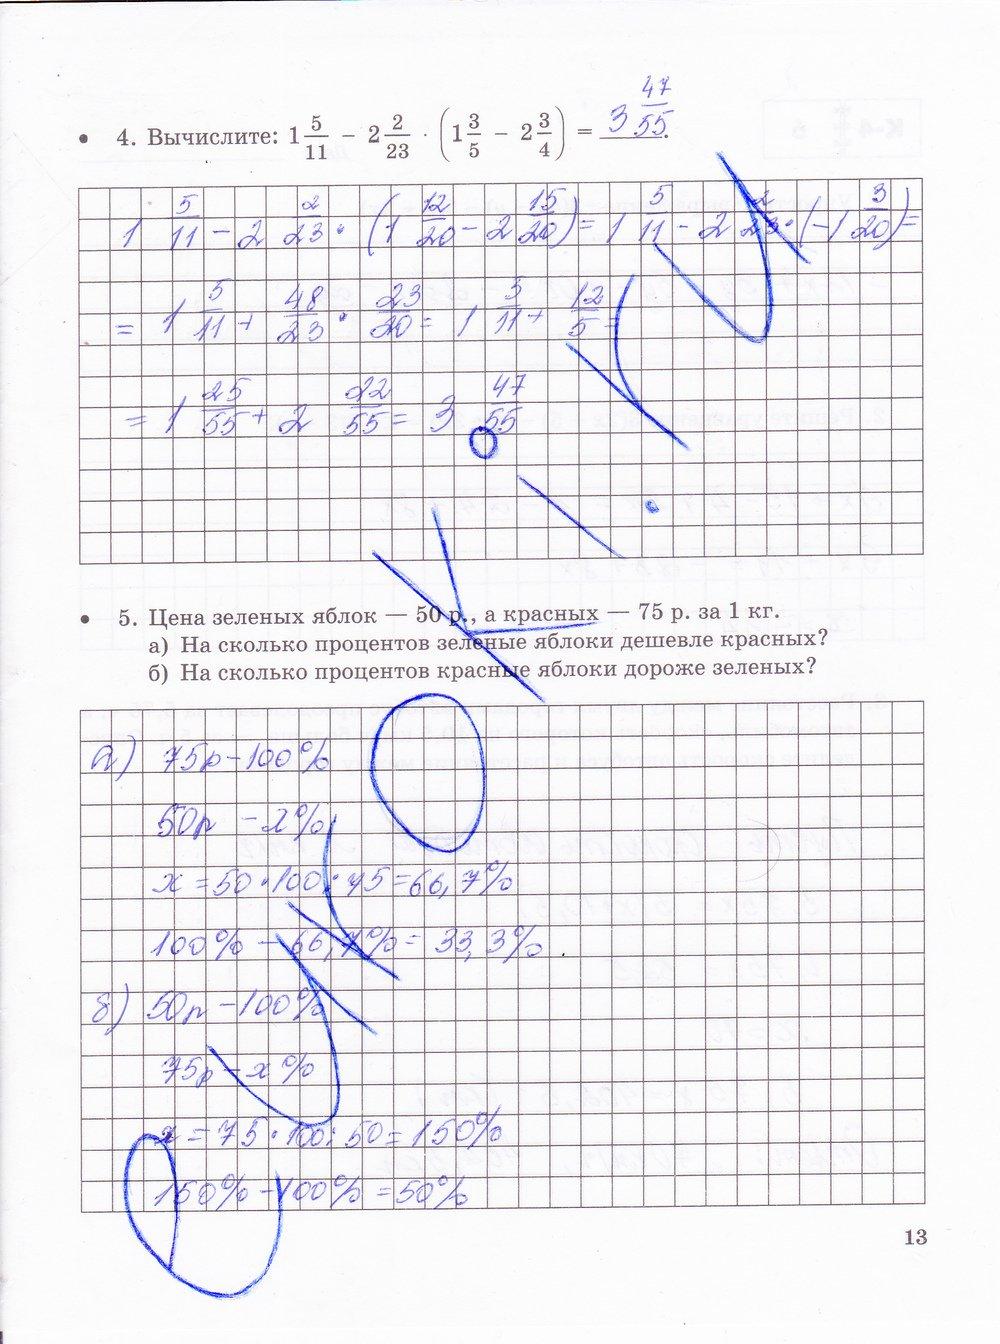 ГДЗ по математике 6 класс тетрадь для контрольных работ Зубарева, Лепешонкова Мнемозина Часть 1, 2 ответы и решения онлайн. Задание: стр. 12